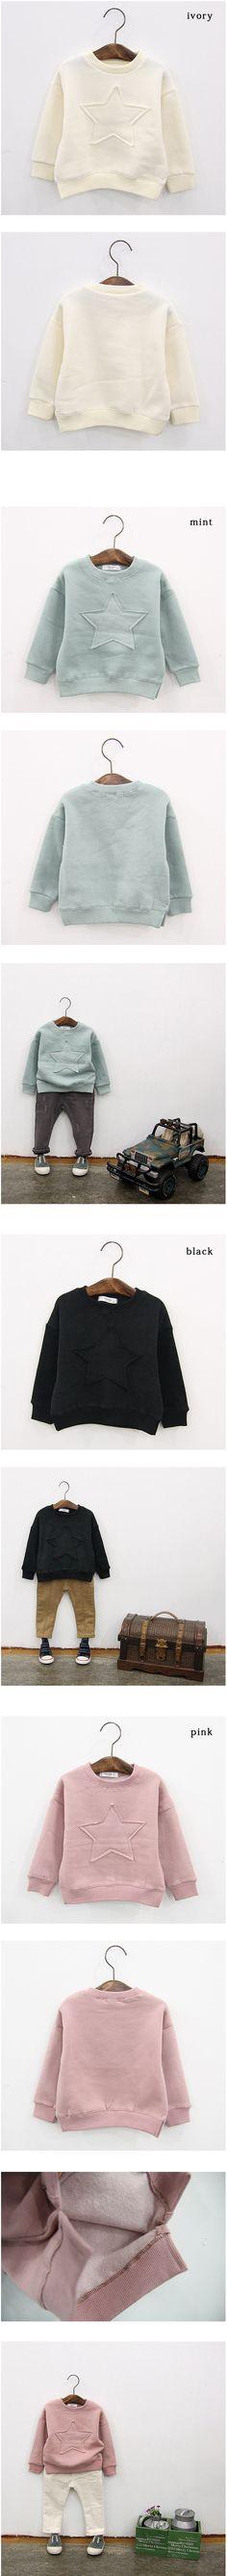 8662042f91ffc  楽天市場 裏起毛 スター トレーナー 韓国子供服 冬 裏起毛 tシャツ